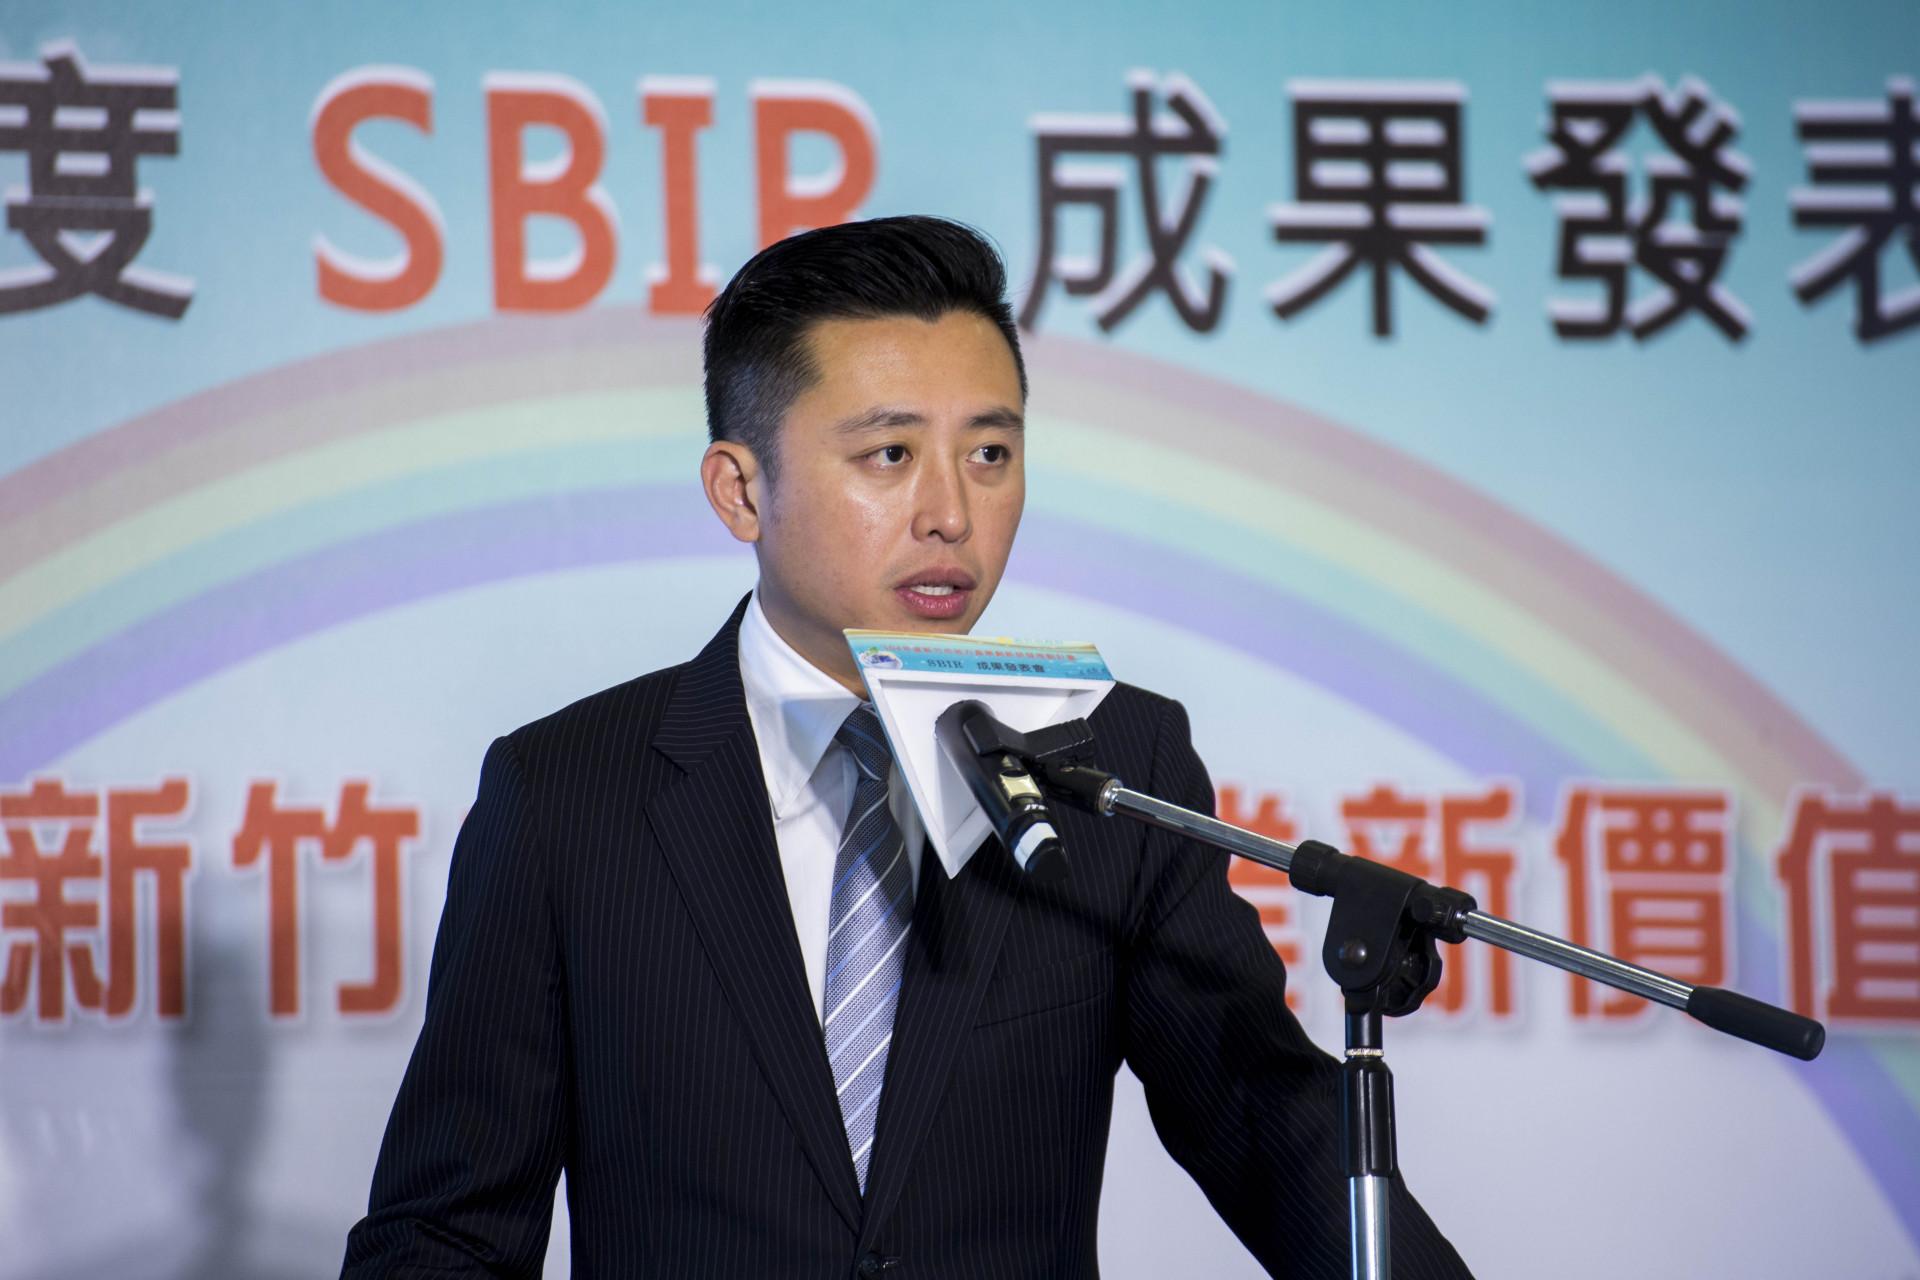 新思新聞-新竹市「SBIR計畫」33廠商展現創新研發成果 盼持續強化經濟動能